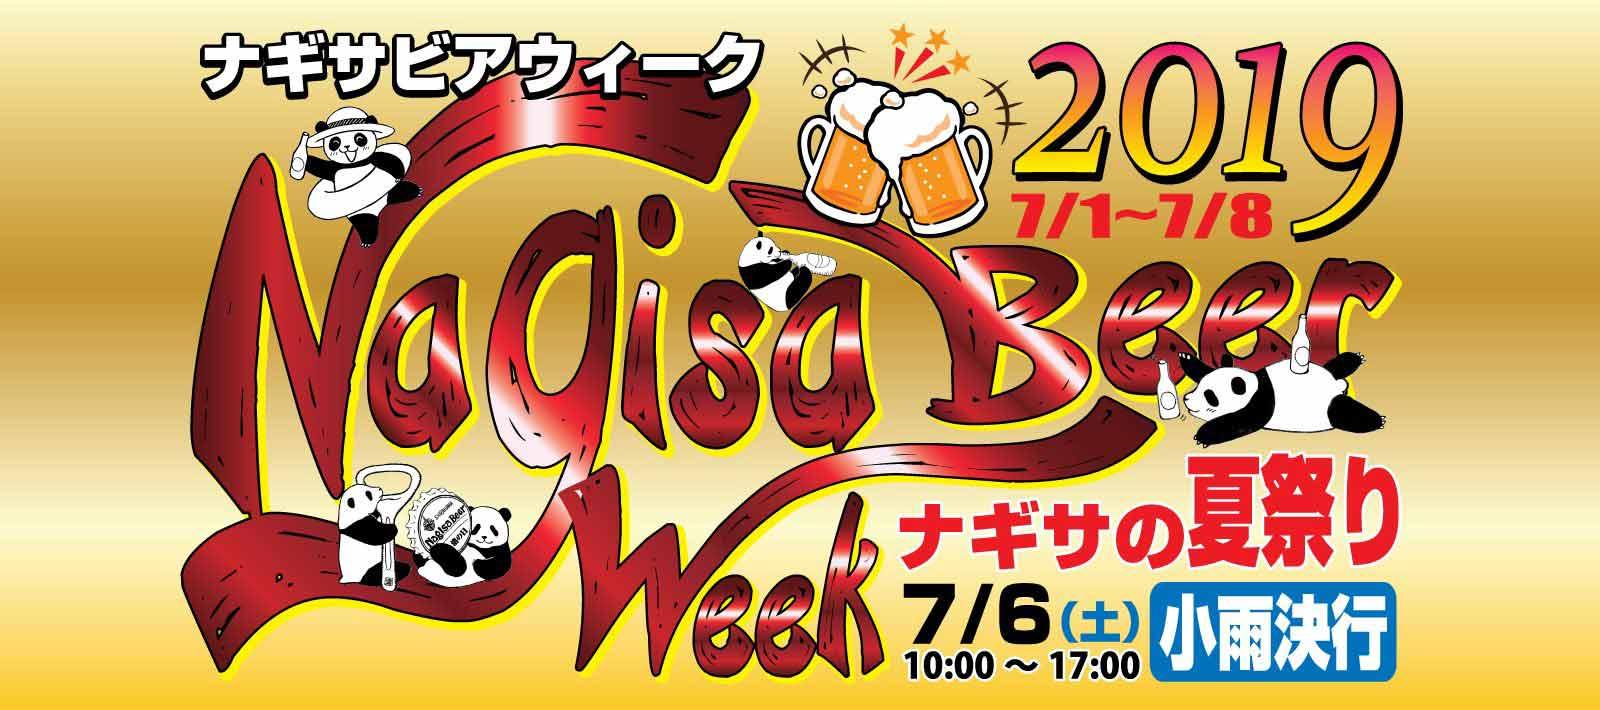 ナギサビアウィーク2019(Nagisa Beer Week 2019)